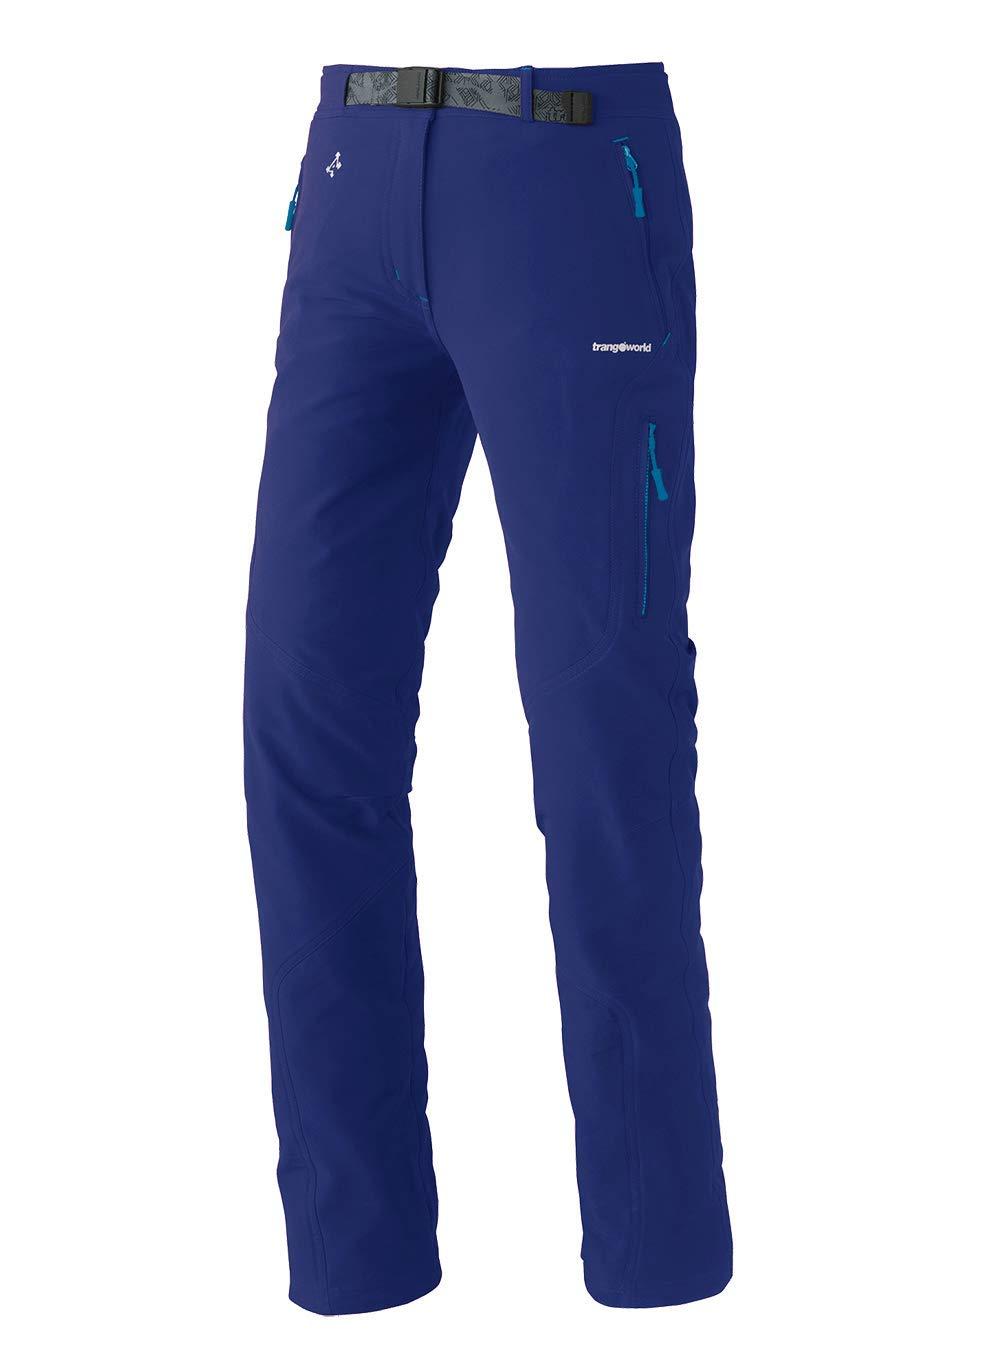 Trangoworld pc007777 – 2 CF-XS Pantalon Long, Femme, Bleu Encre, XS